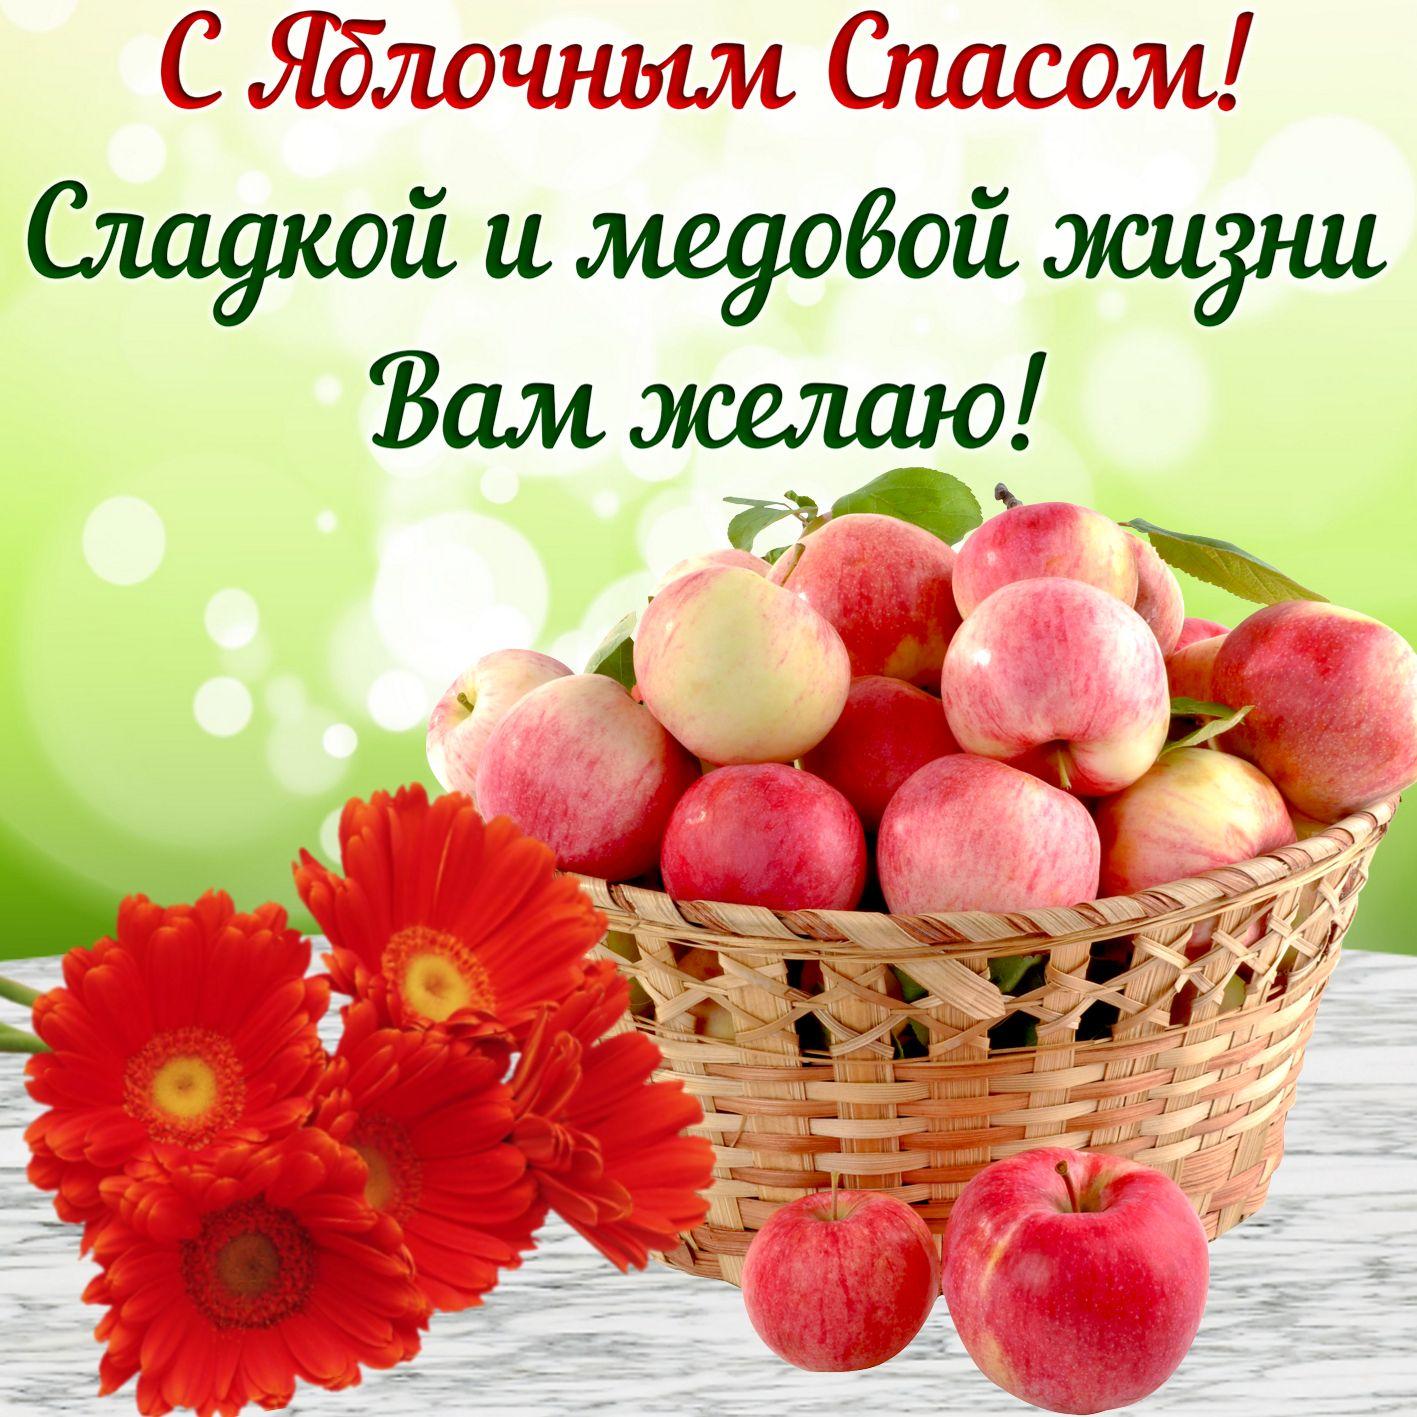 верный поздравления в стихах к яблочному спасу жизнелюб оптимист